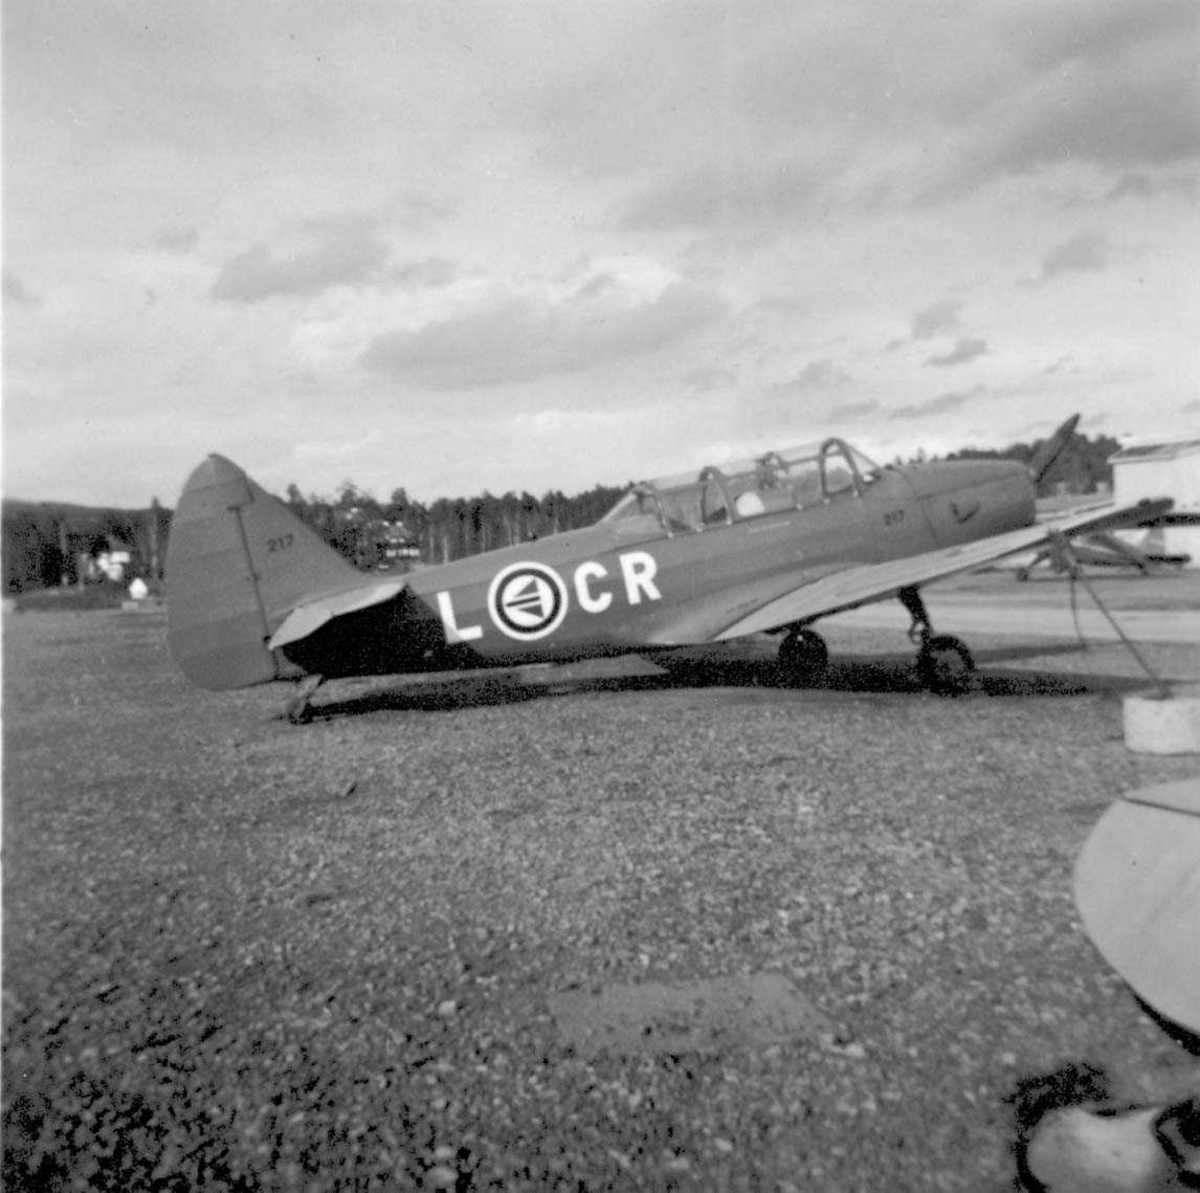 """Lufthavn. Ett fly på bakken, Fairchild Cornell PT-26B-FE L-CR """"Denmark II"""" fra RNoAF."""